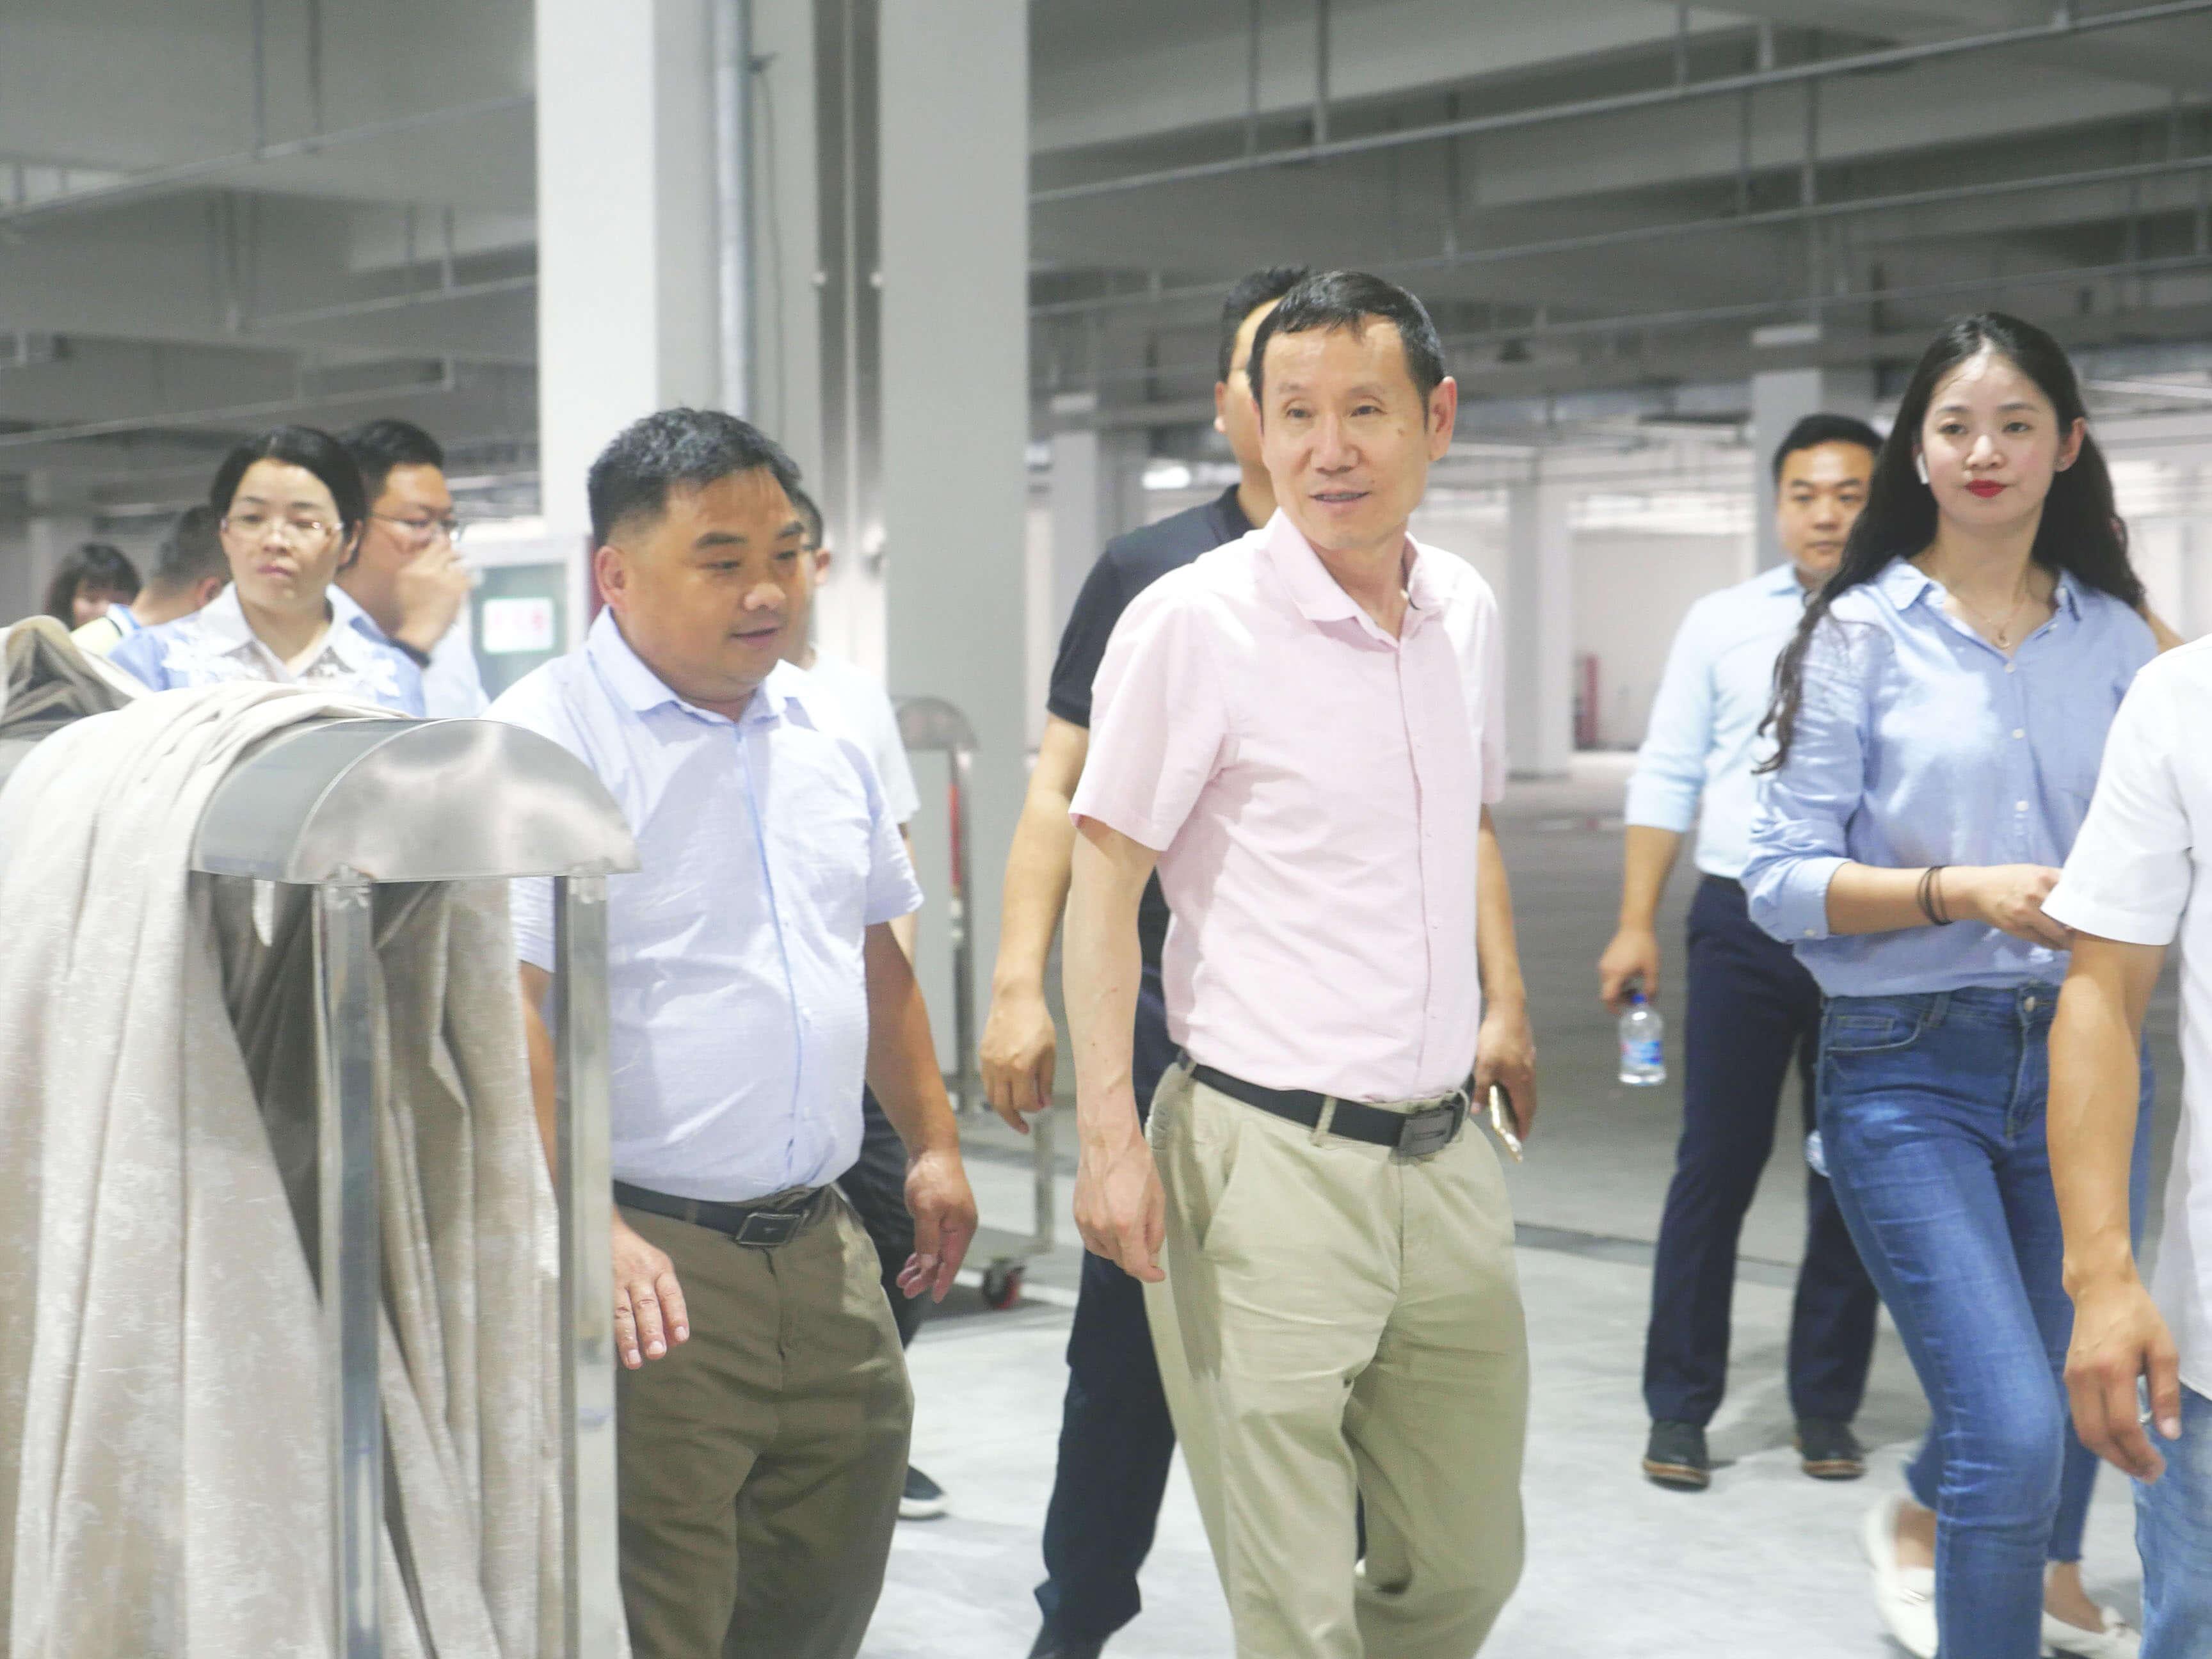 上海天洋董事长李哲龙先生引领大家参观工厂